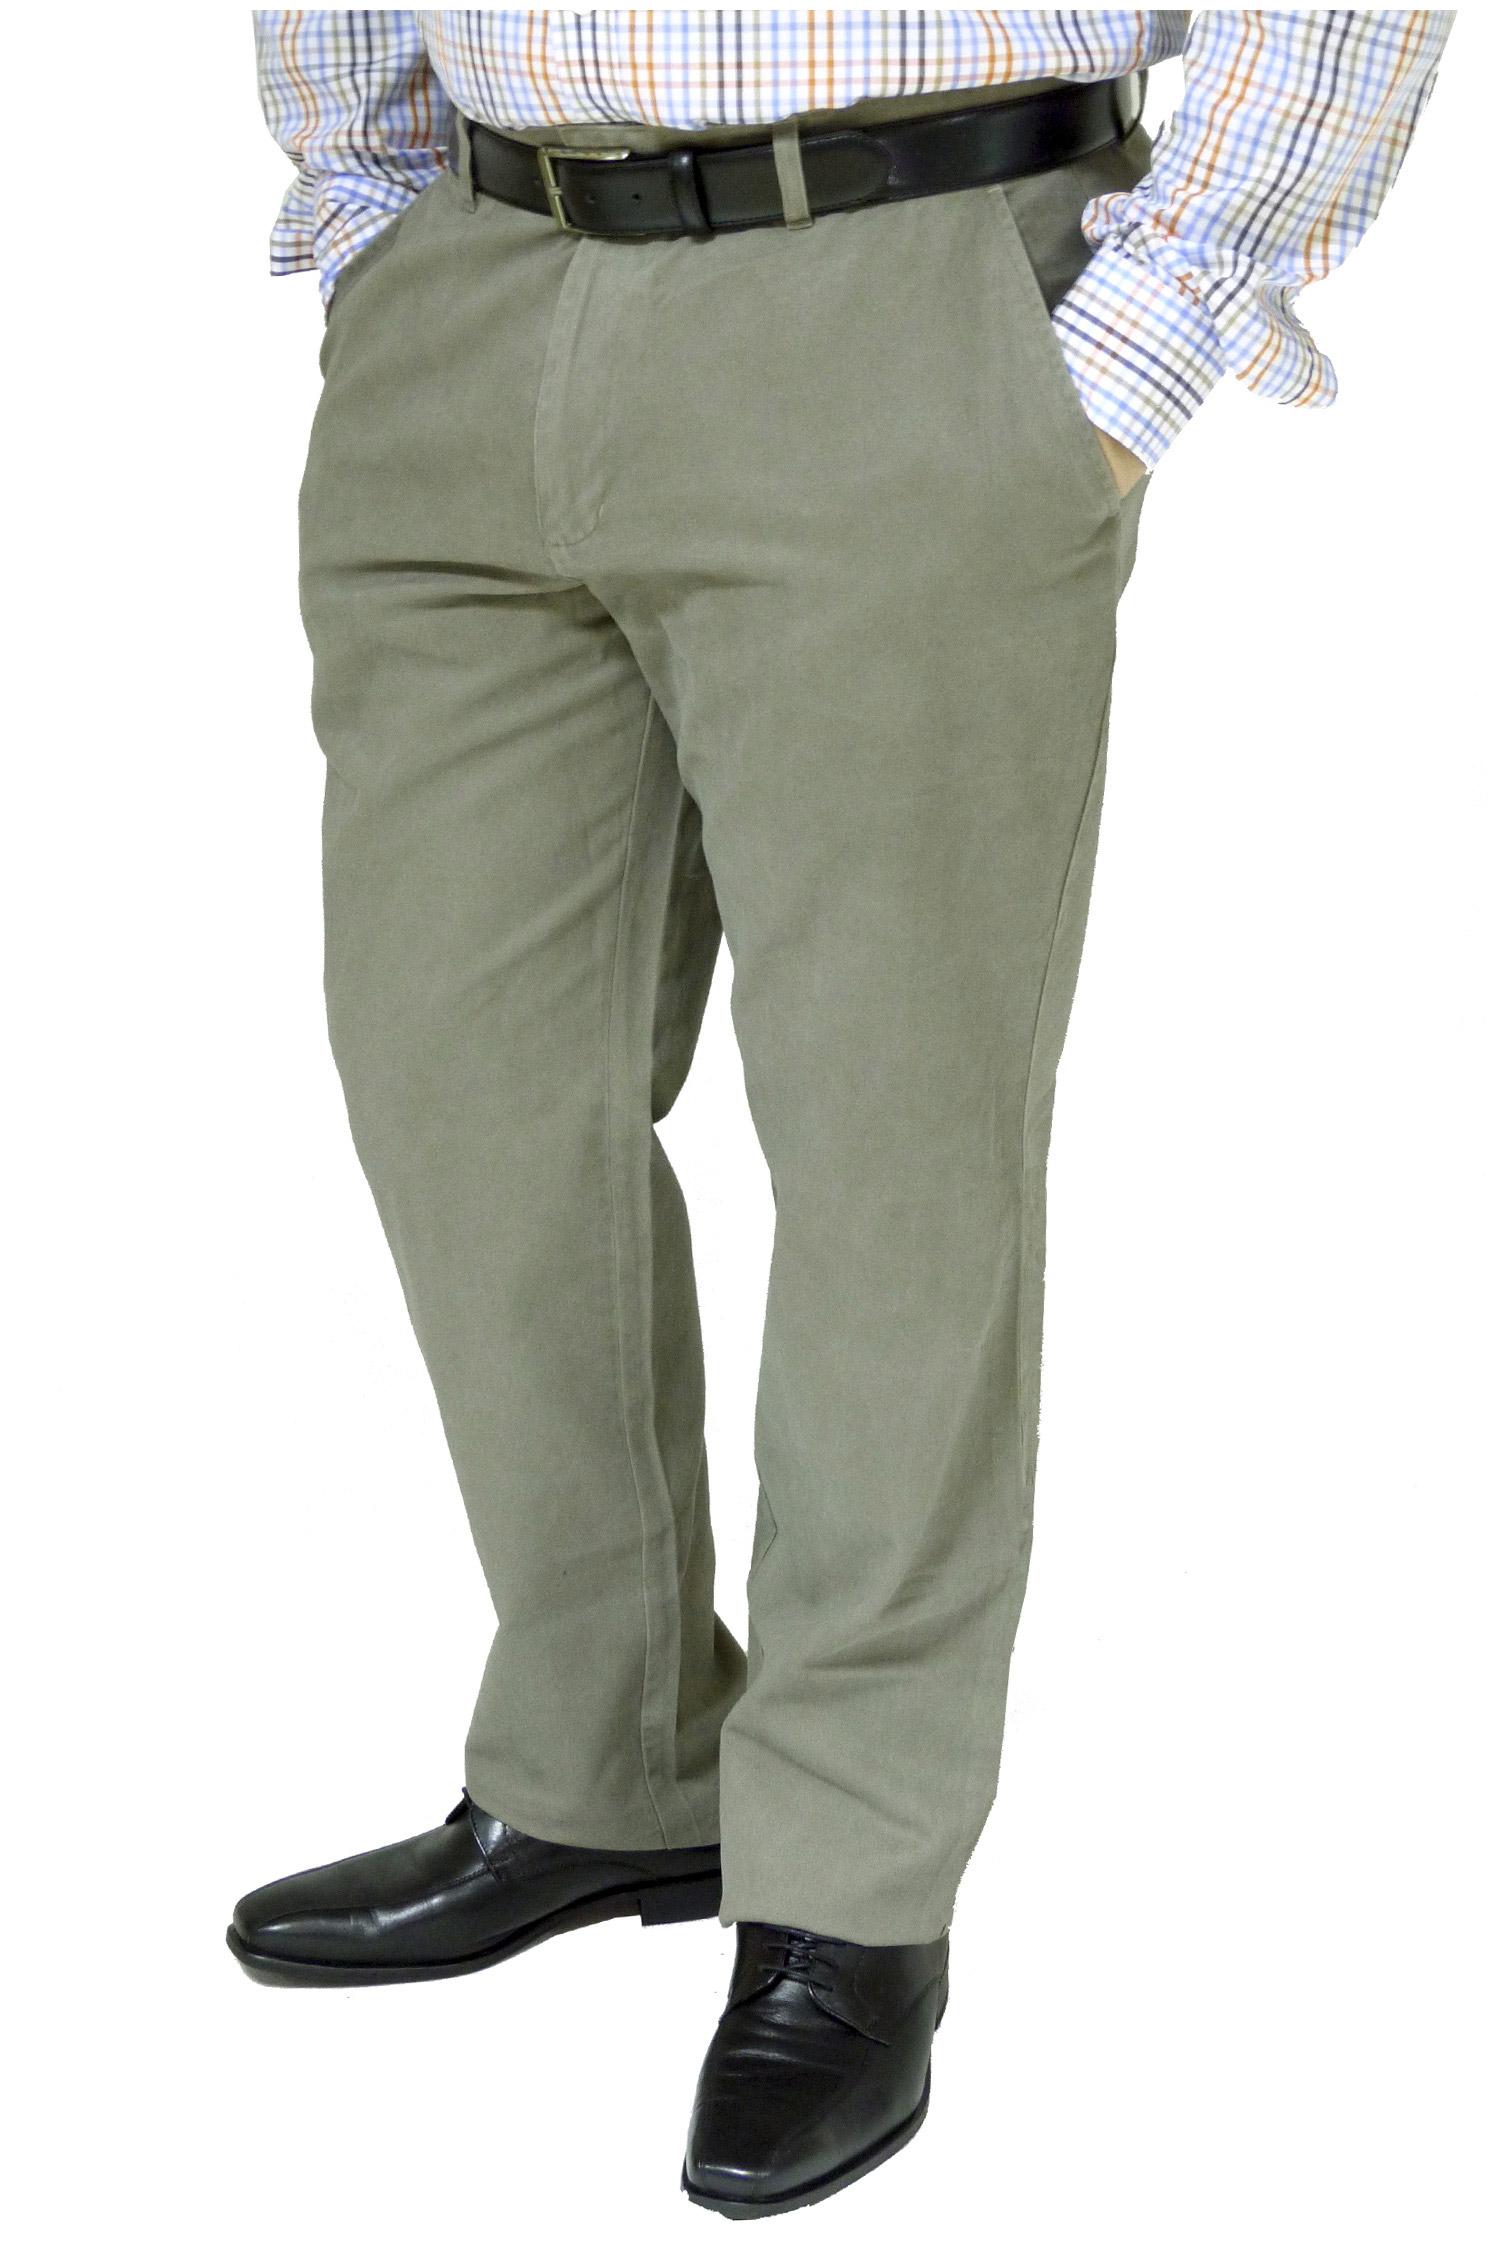 ropa de tallas grandes para hombres